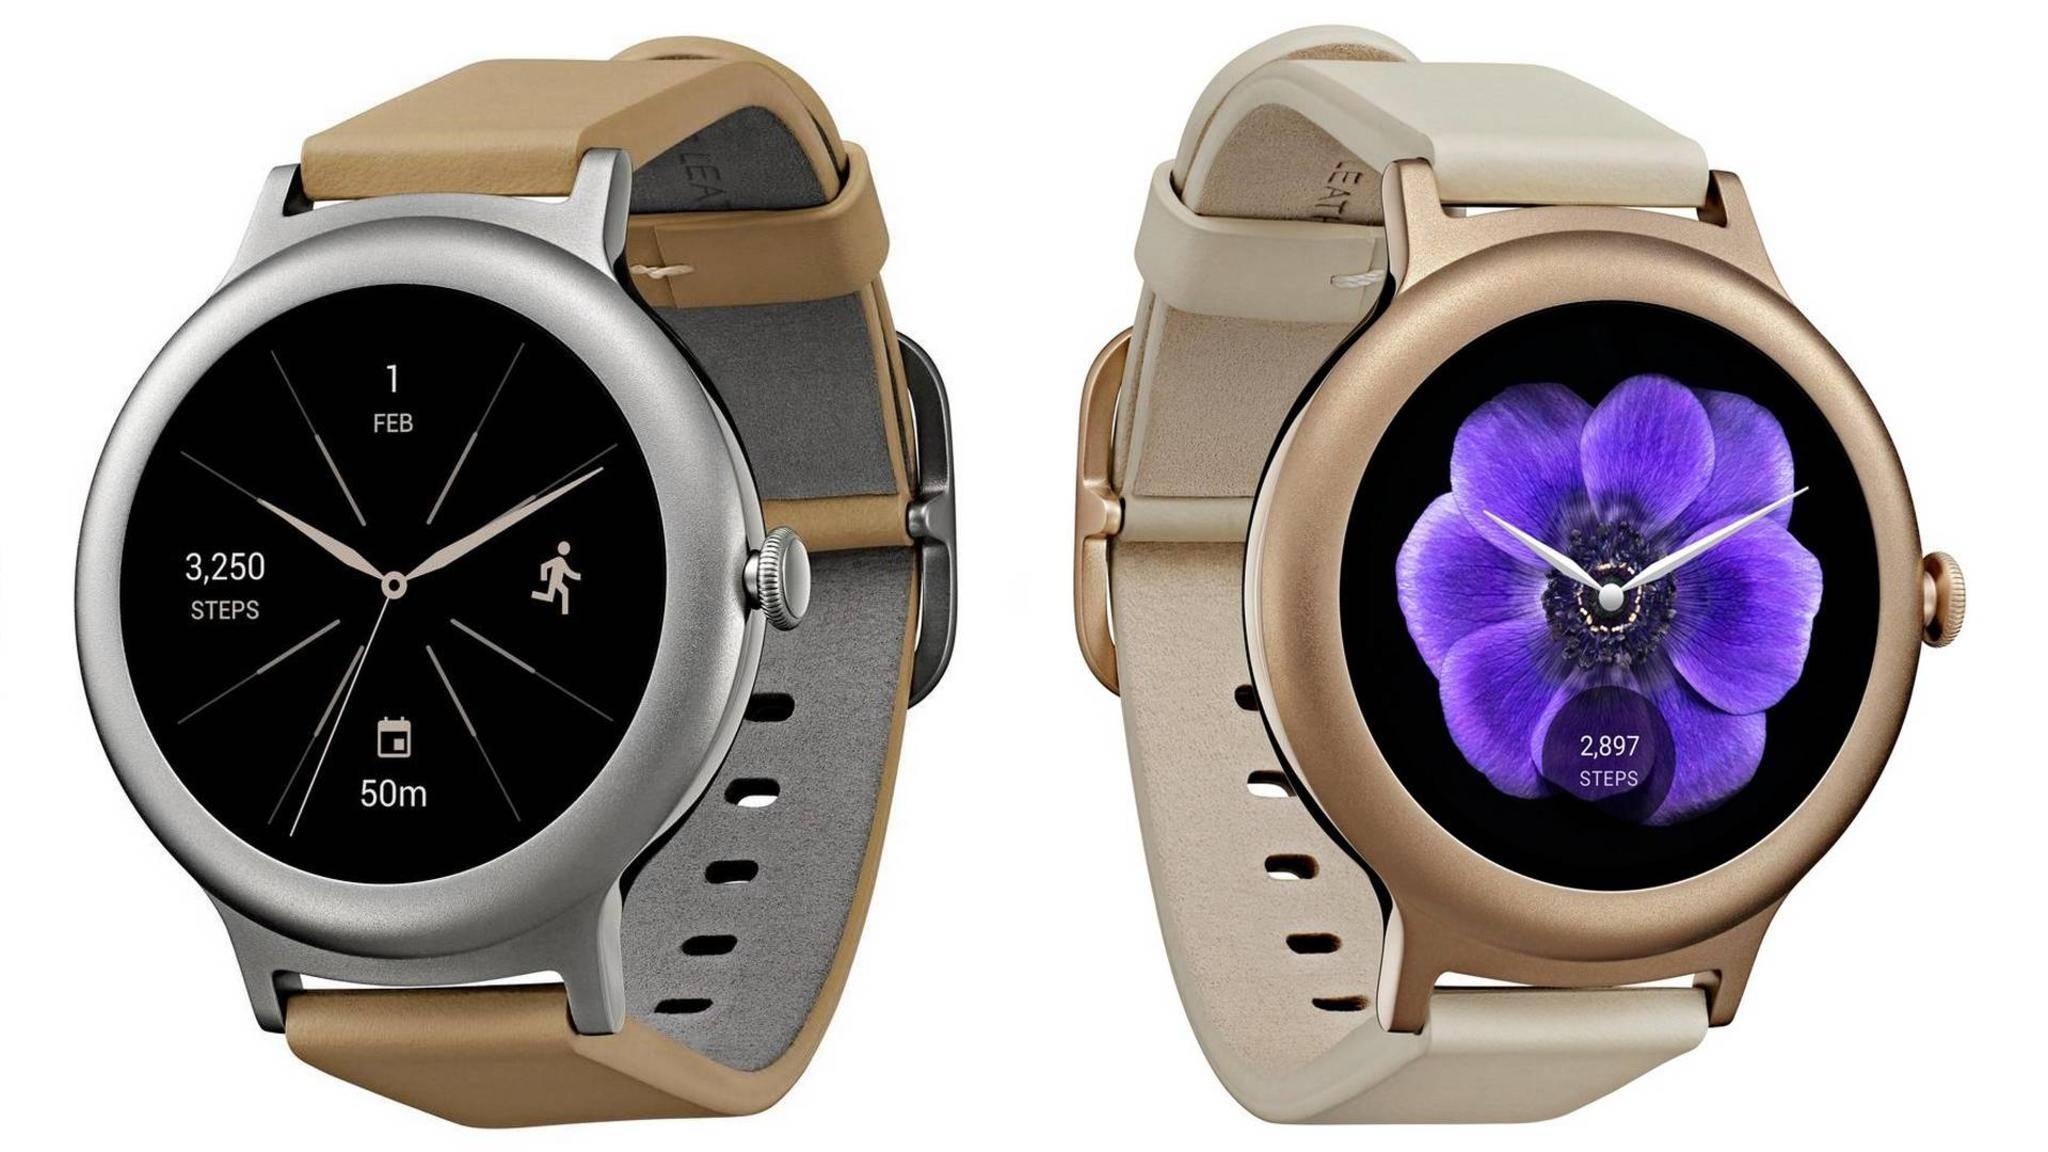 So sieht angeblich die neue LG Watch Style aus.